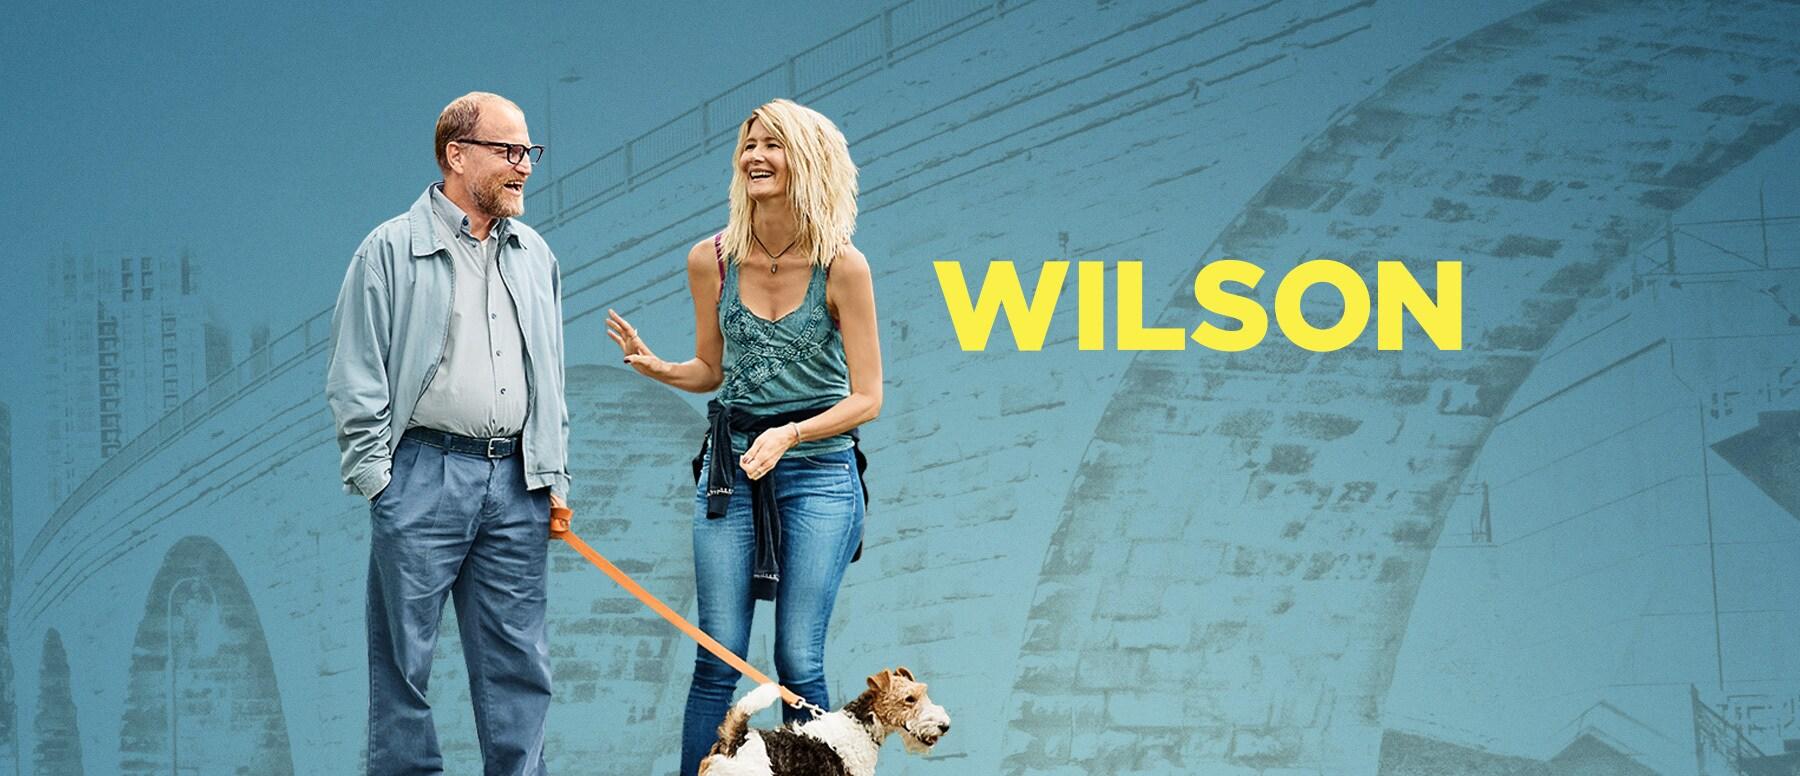 Wilson Hero